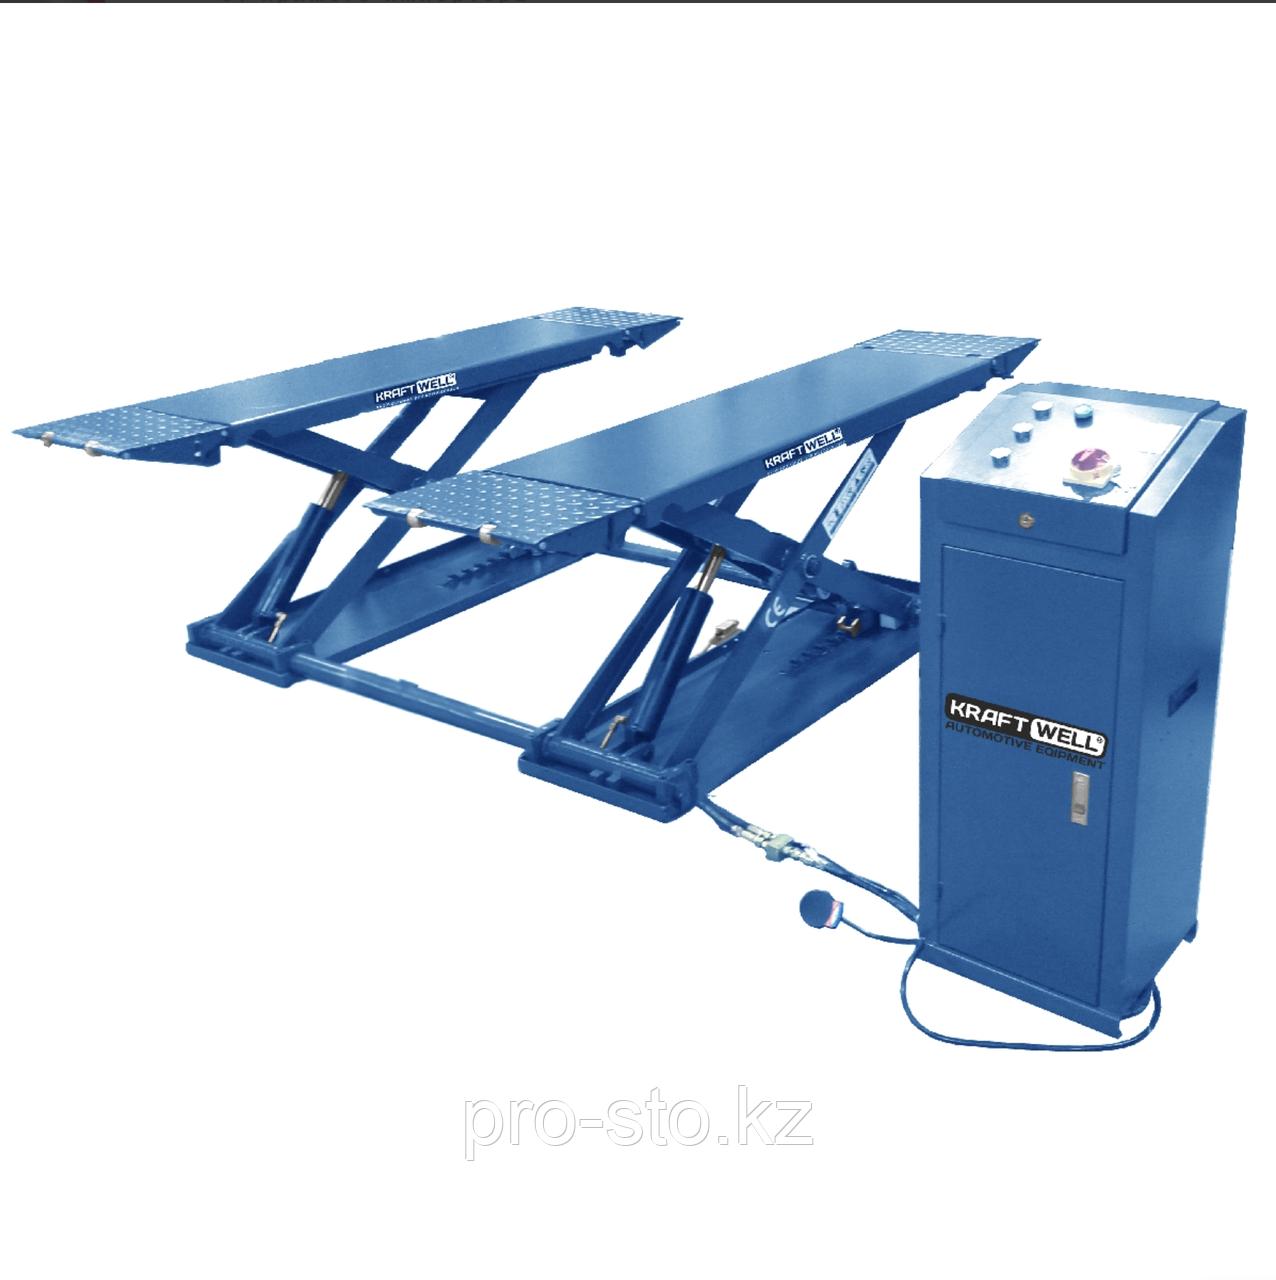 Подъёмник ножничный шиномонтажный  KraftWell